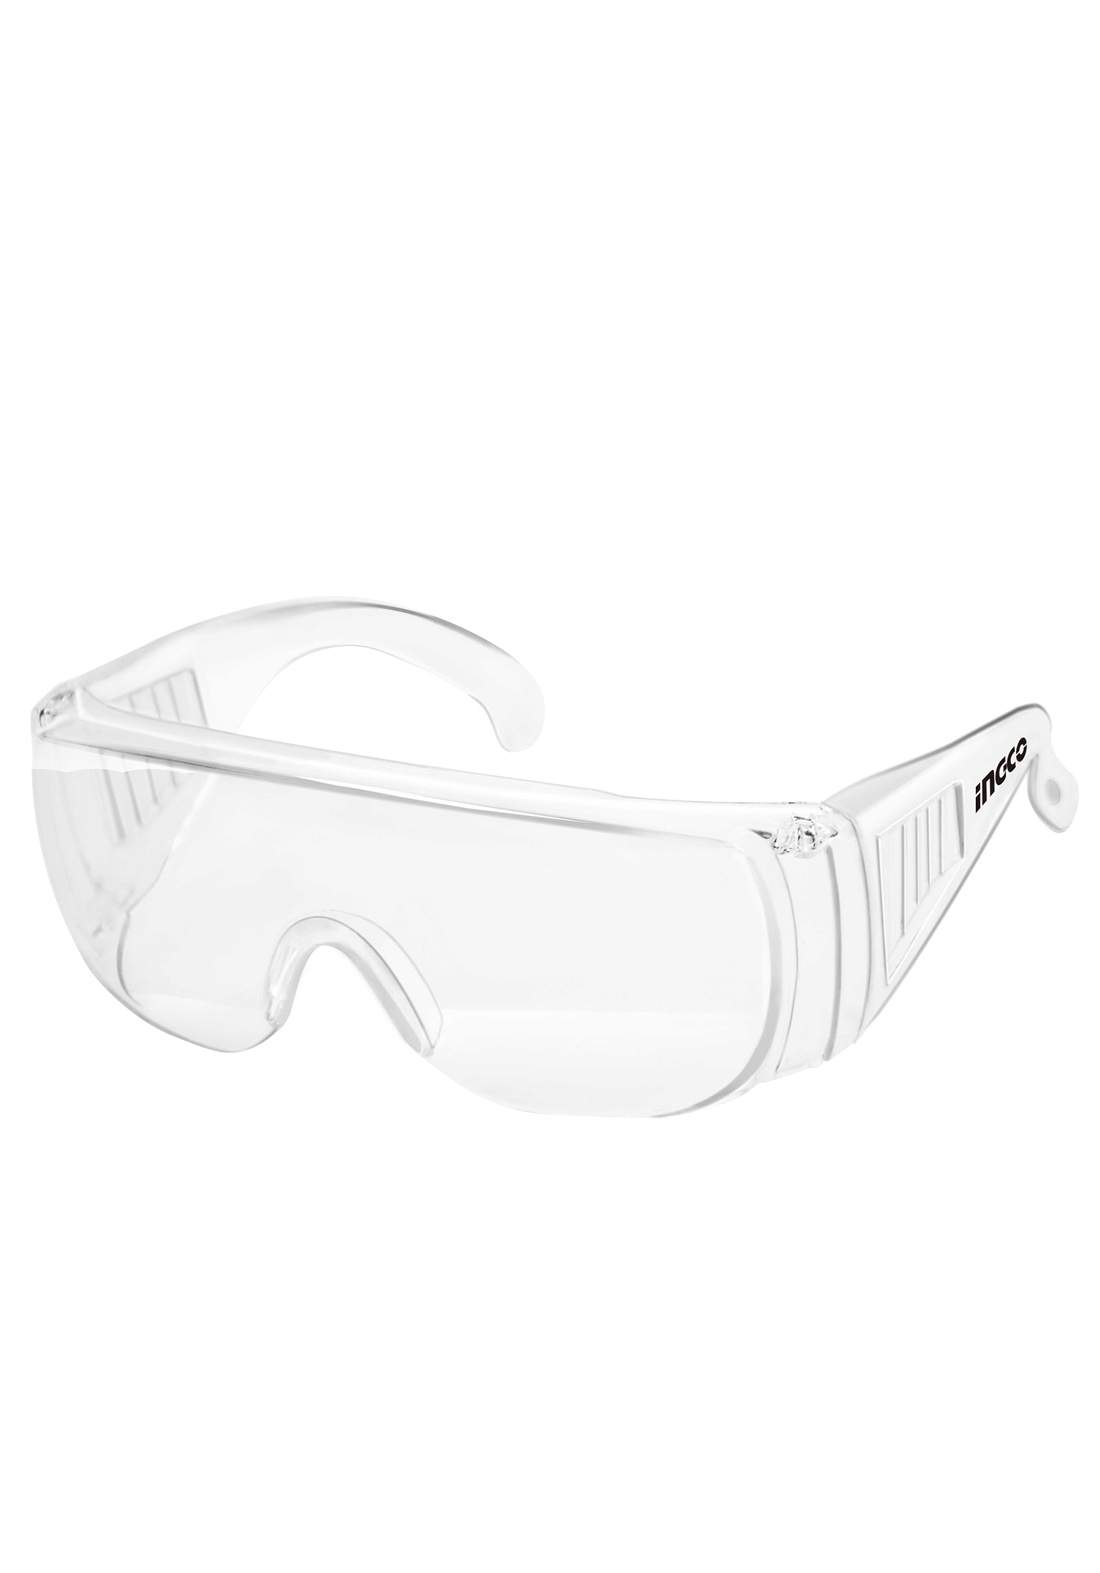 Ingco - hsg05    Safety Goggles   نظارات سلامة